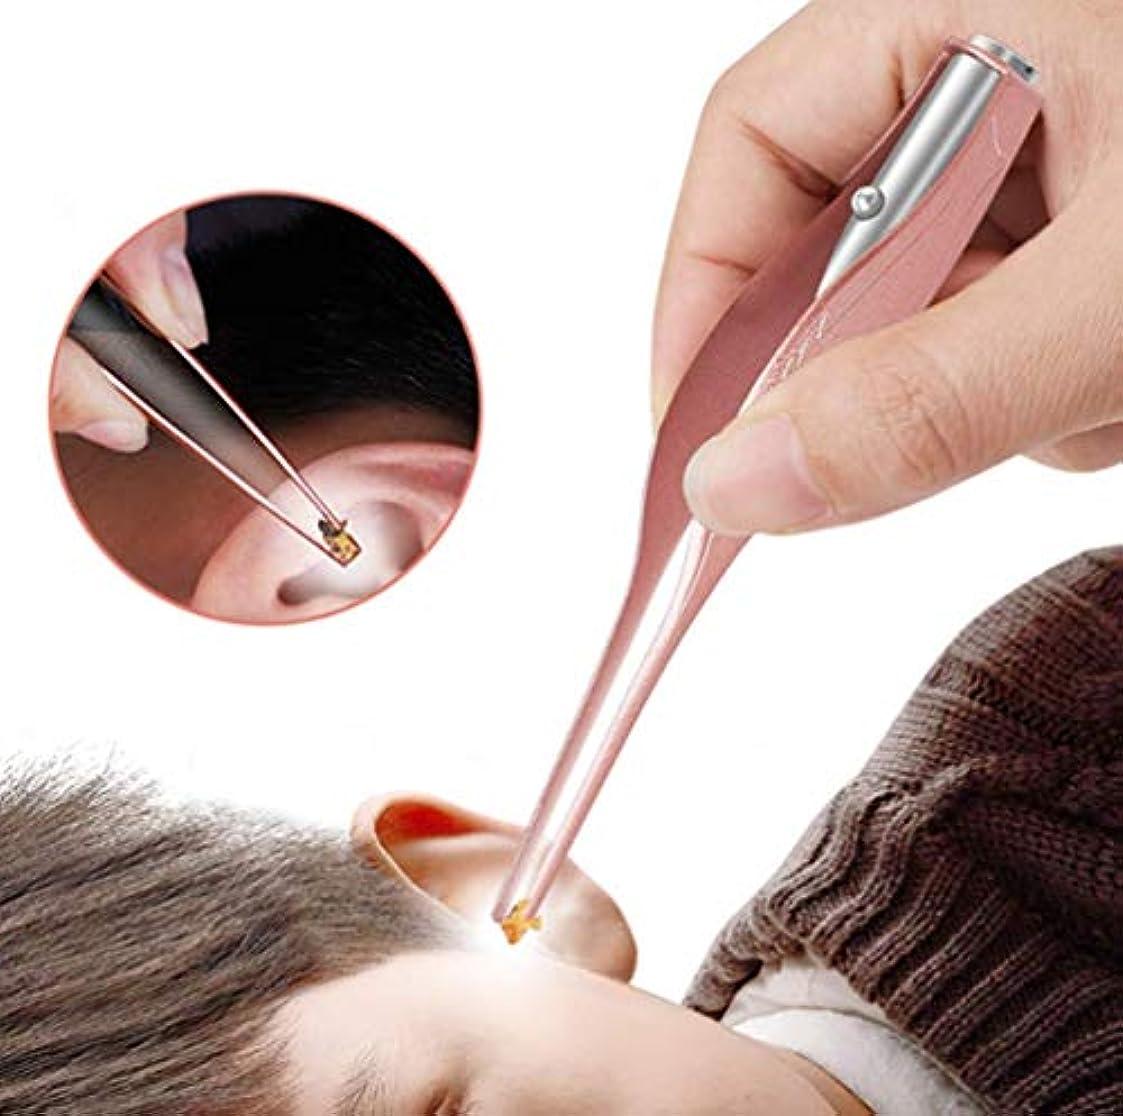 のり令状控えめな耳かき ピンセット LEDライト付き 耳掃除 子供用 極細先端 ステンレス製 ピンセットタイプ ミミ光棒 はっきり見える 電池付き (ローズゴールド)